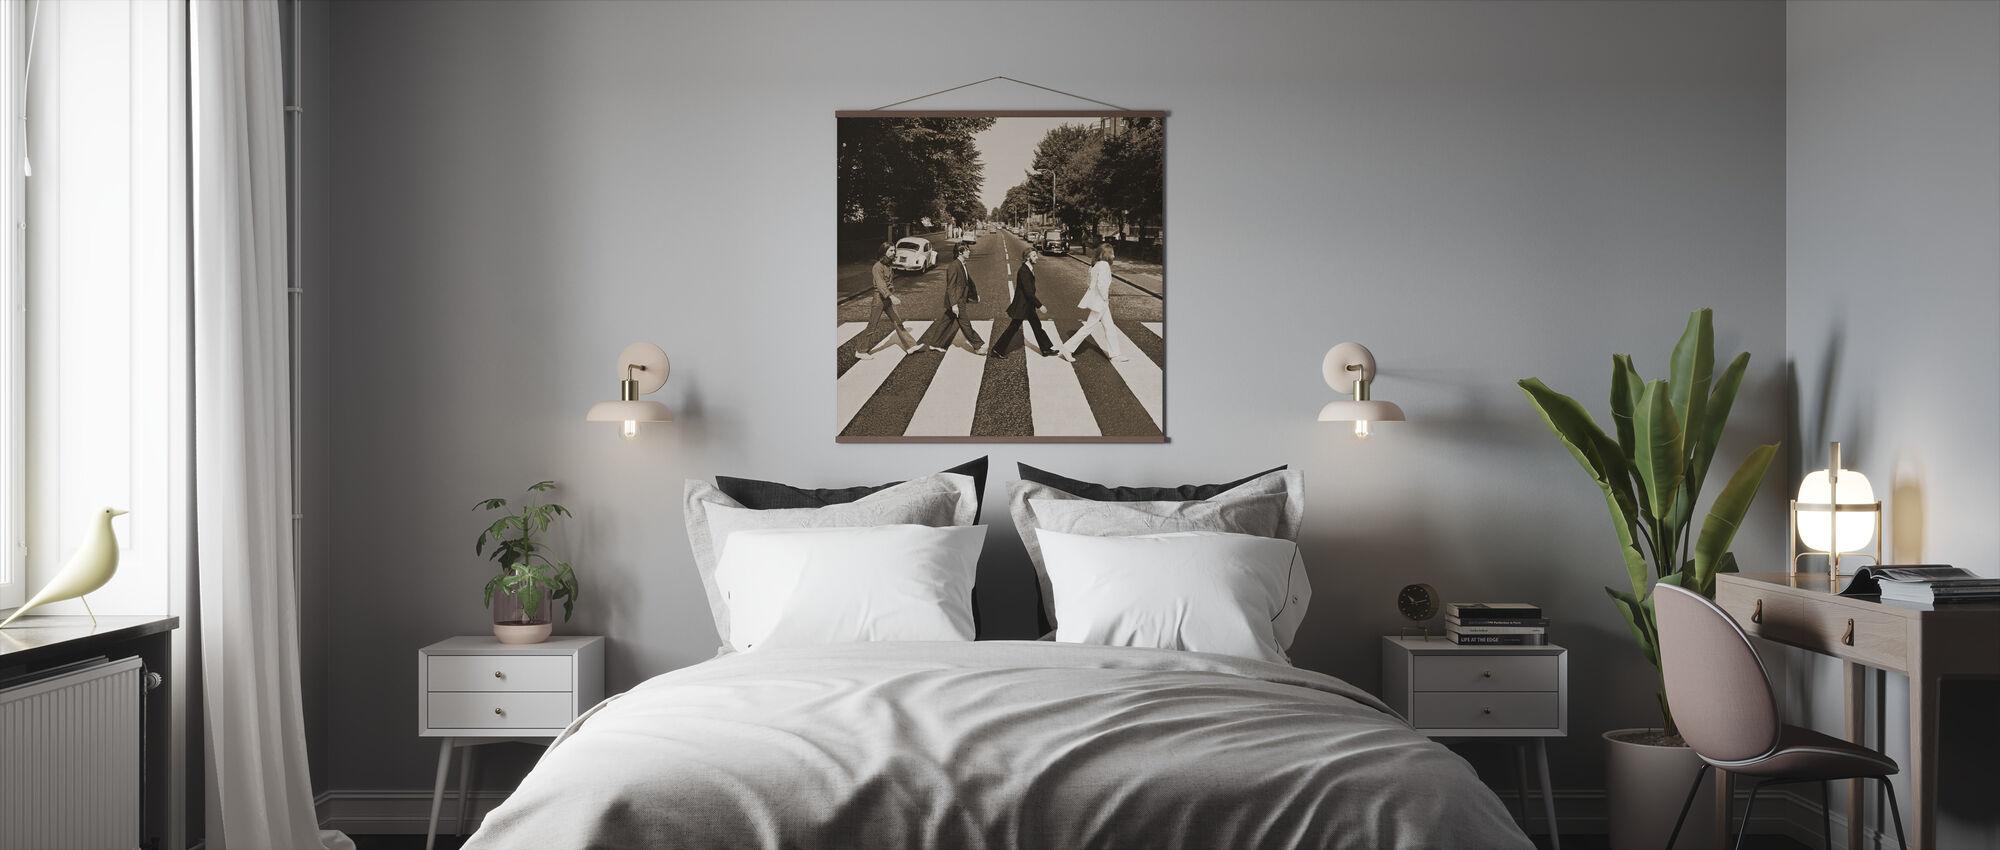 Beatles - Abbey Road Seepia - Juliste - Makuuhuone